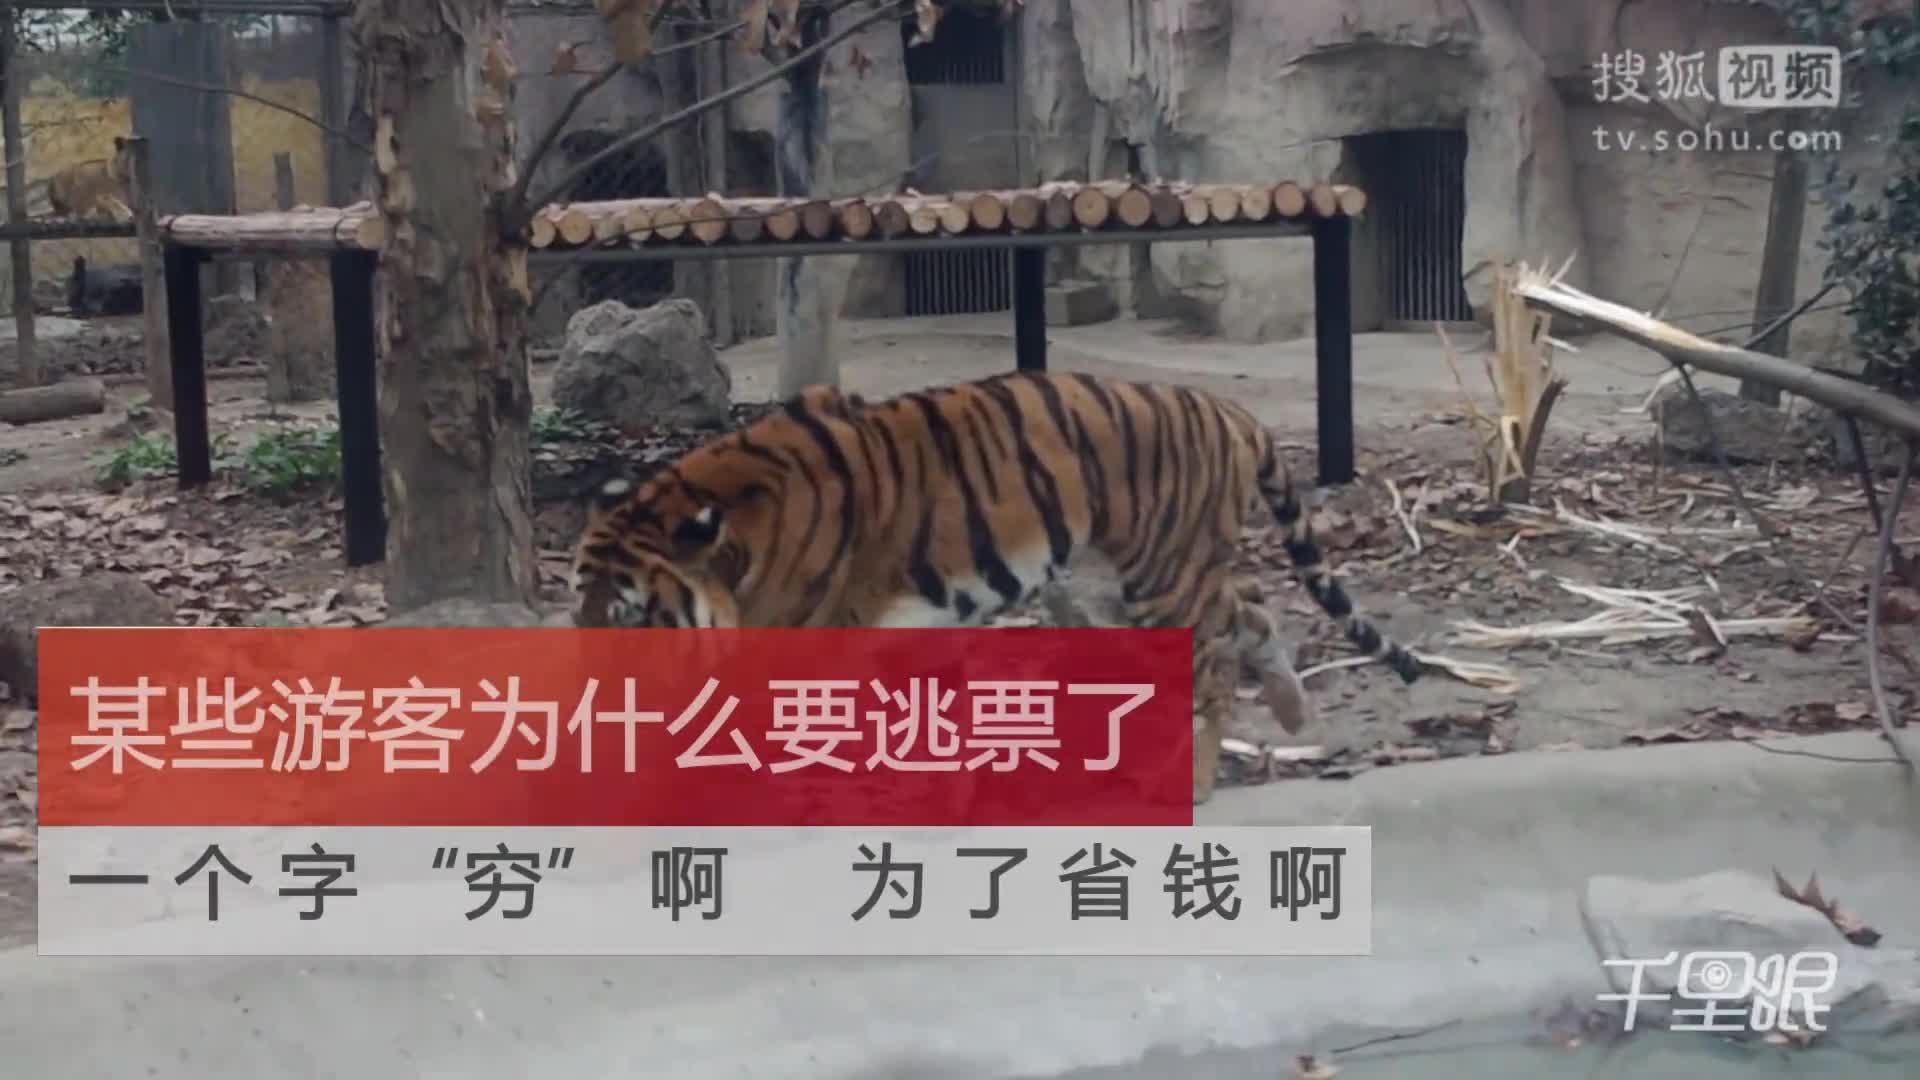 【成都】宁波雅戈尔动物园老虎吃人后续思考,如何根治逃票?